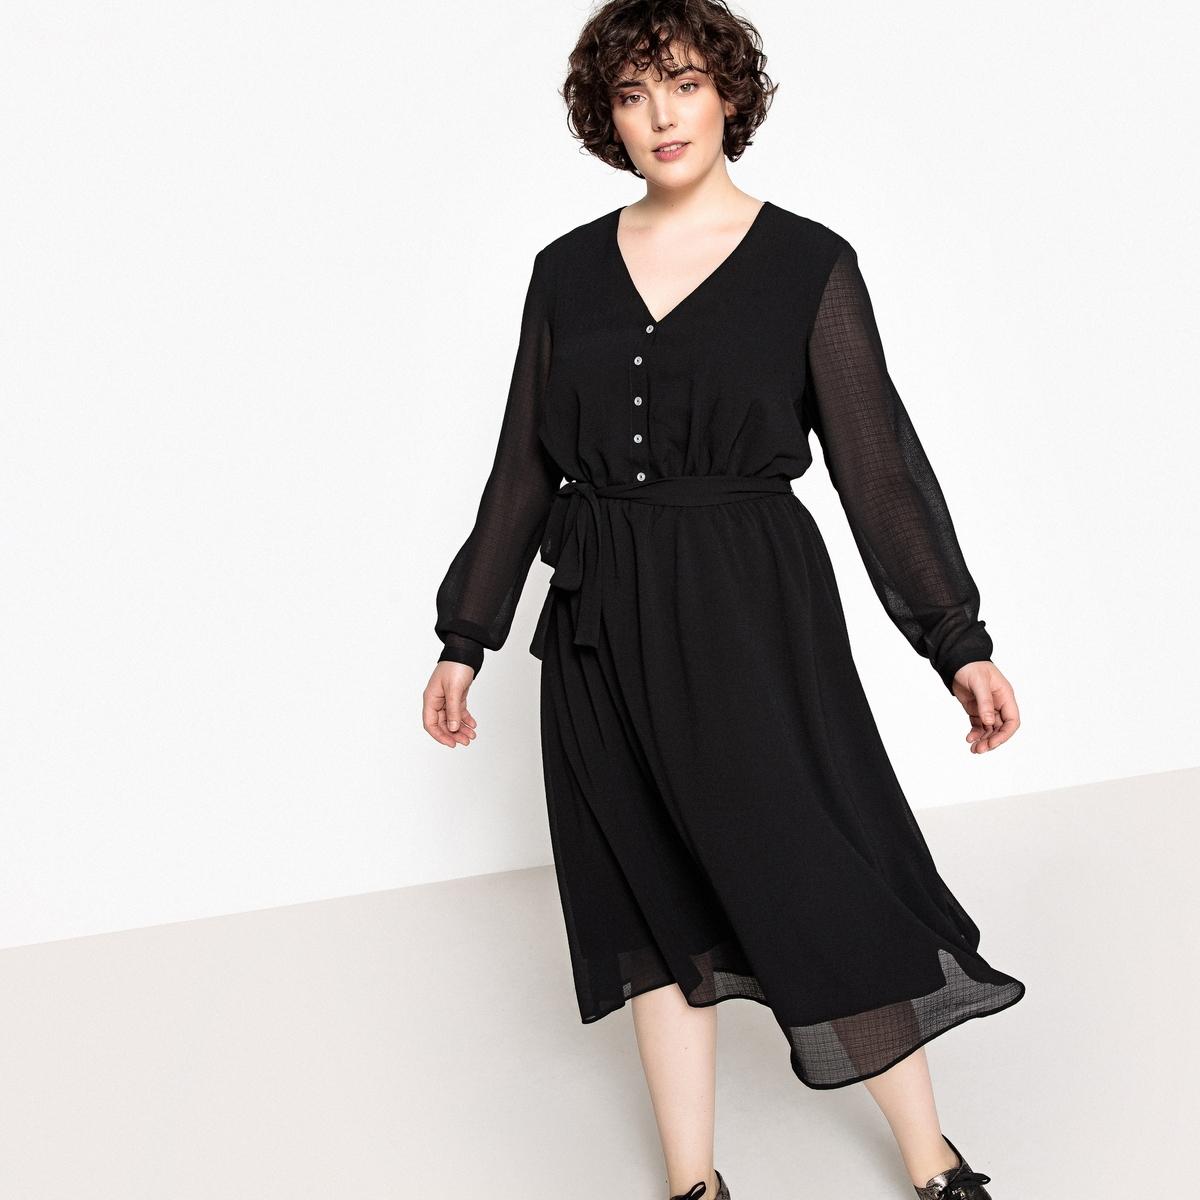 Платье прямое с ремешком на талии, длинные рукава кутюр осень клуб европы новые длинные глубокий v шеи холтер низкой вырезать платье накладки 21706